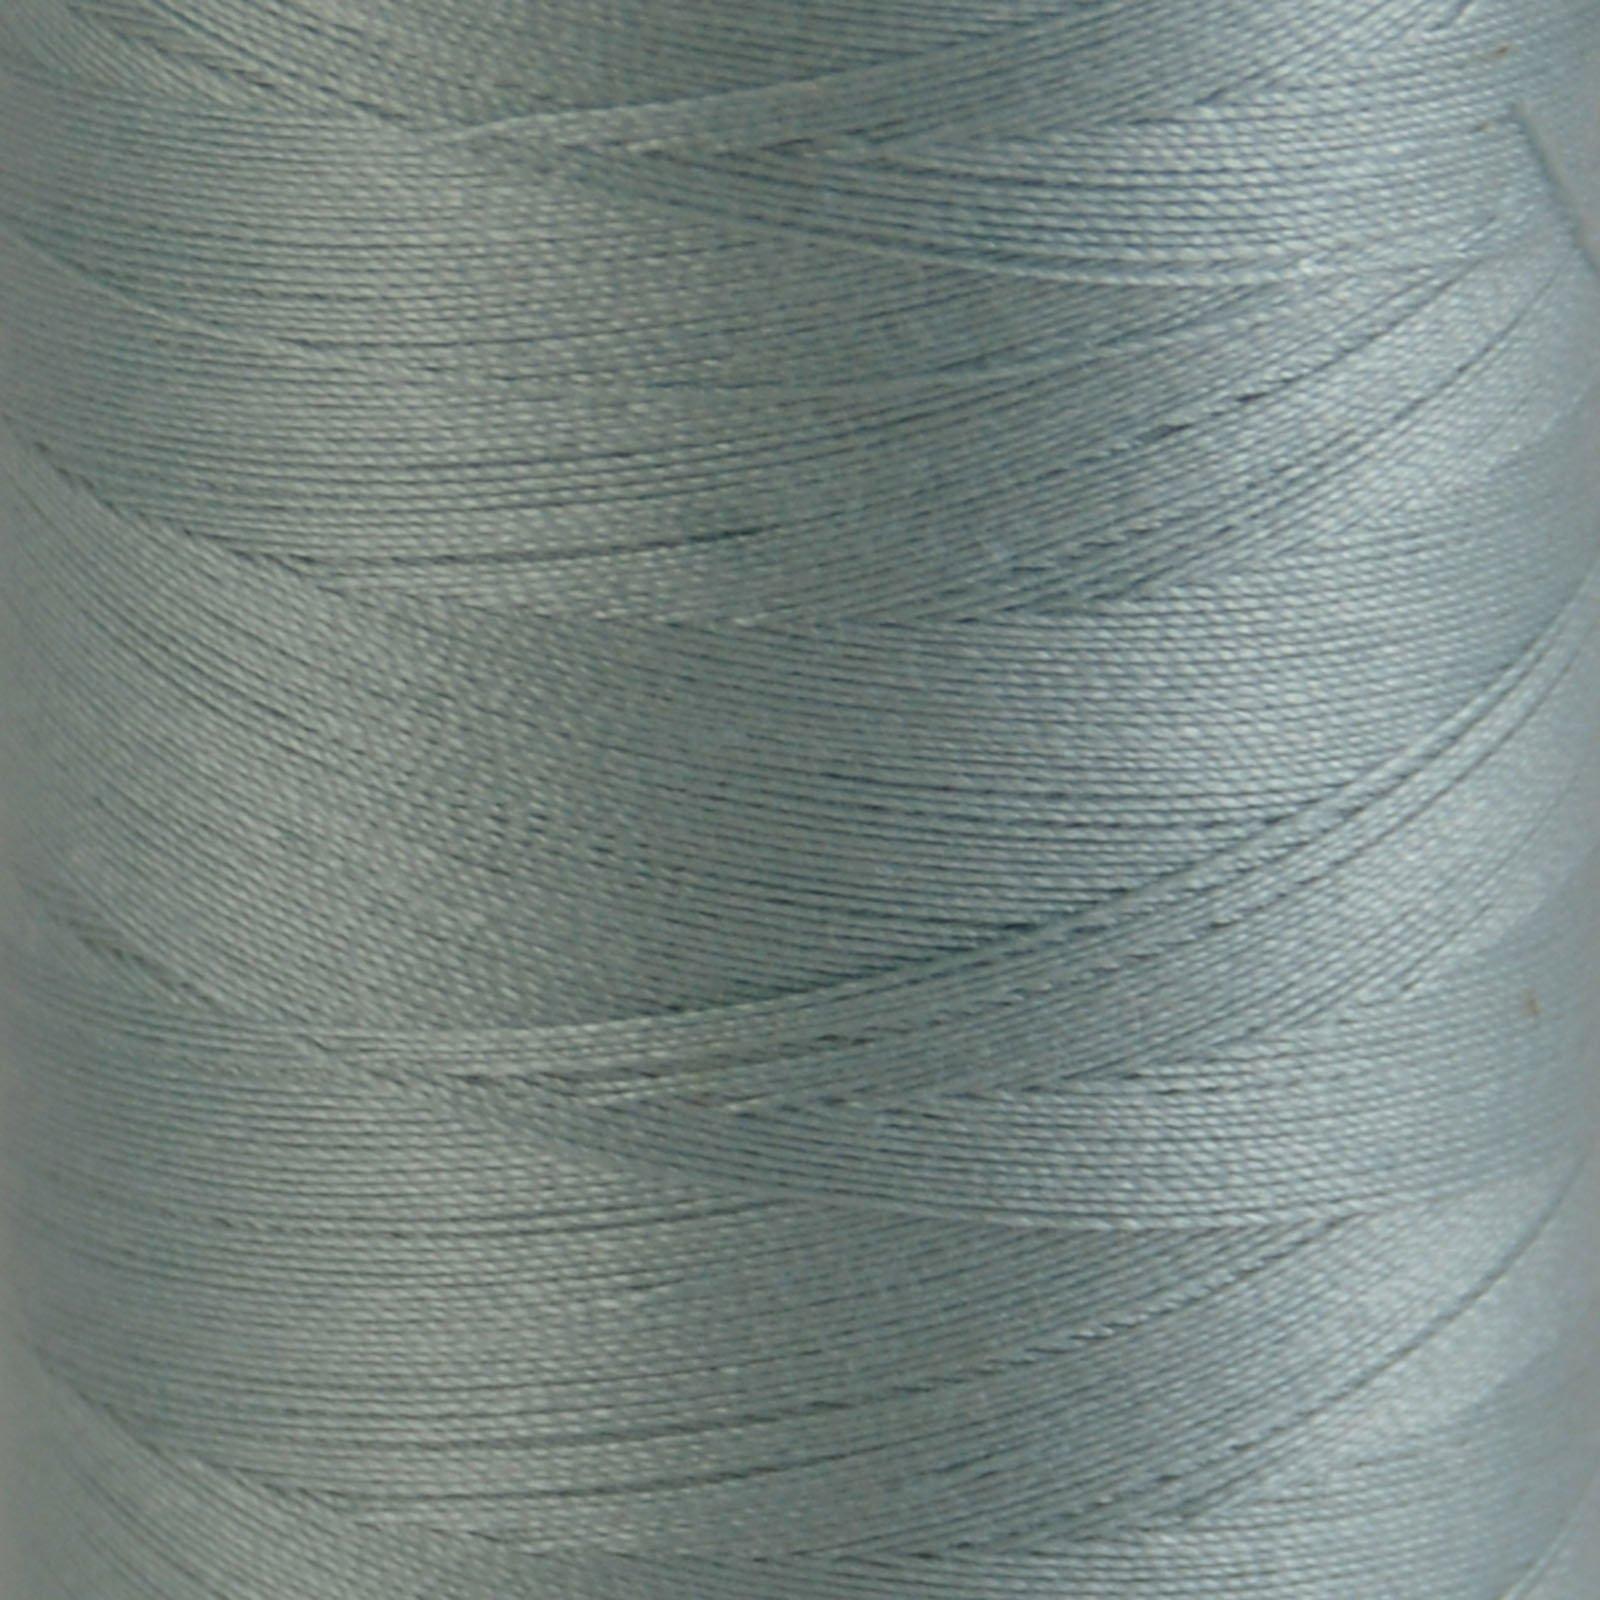 # 2847 Bright Grey Blue